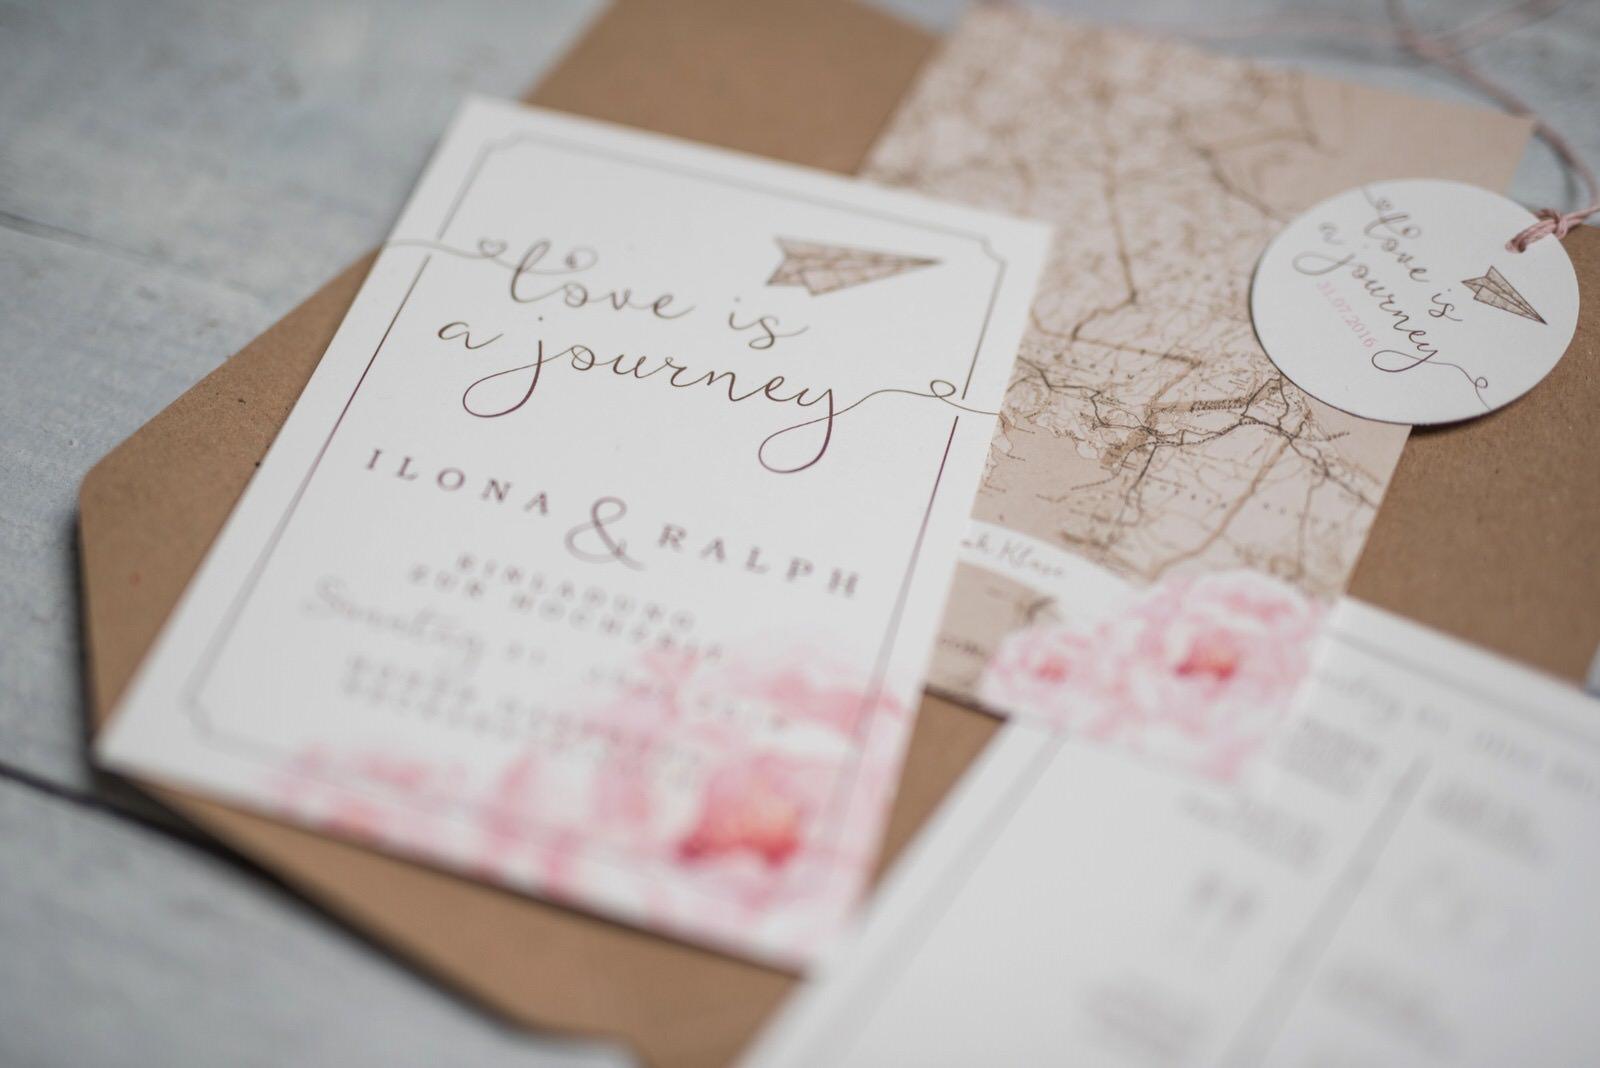 Hochzeitseinladung Love is a journey Boho-Hochzeit Hoher Darsberg